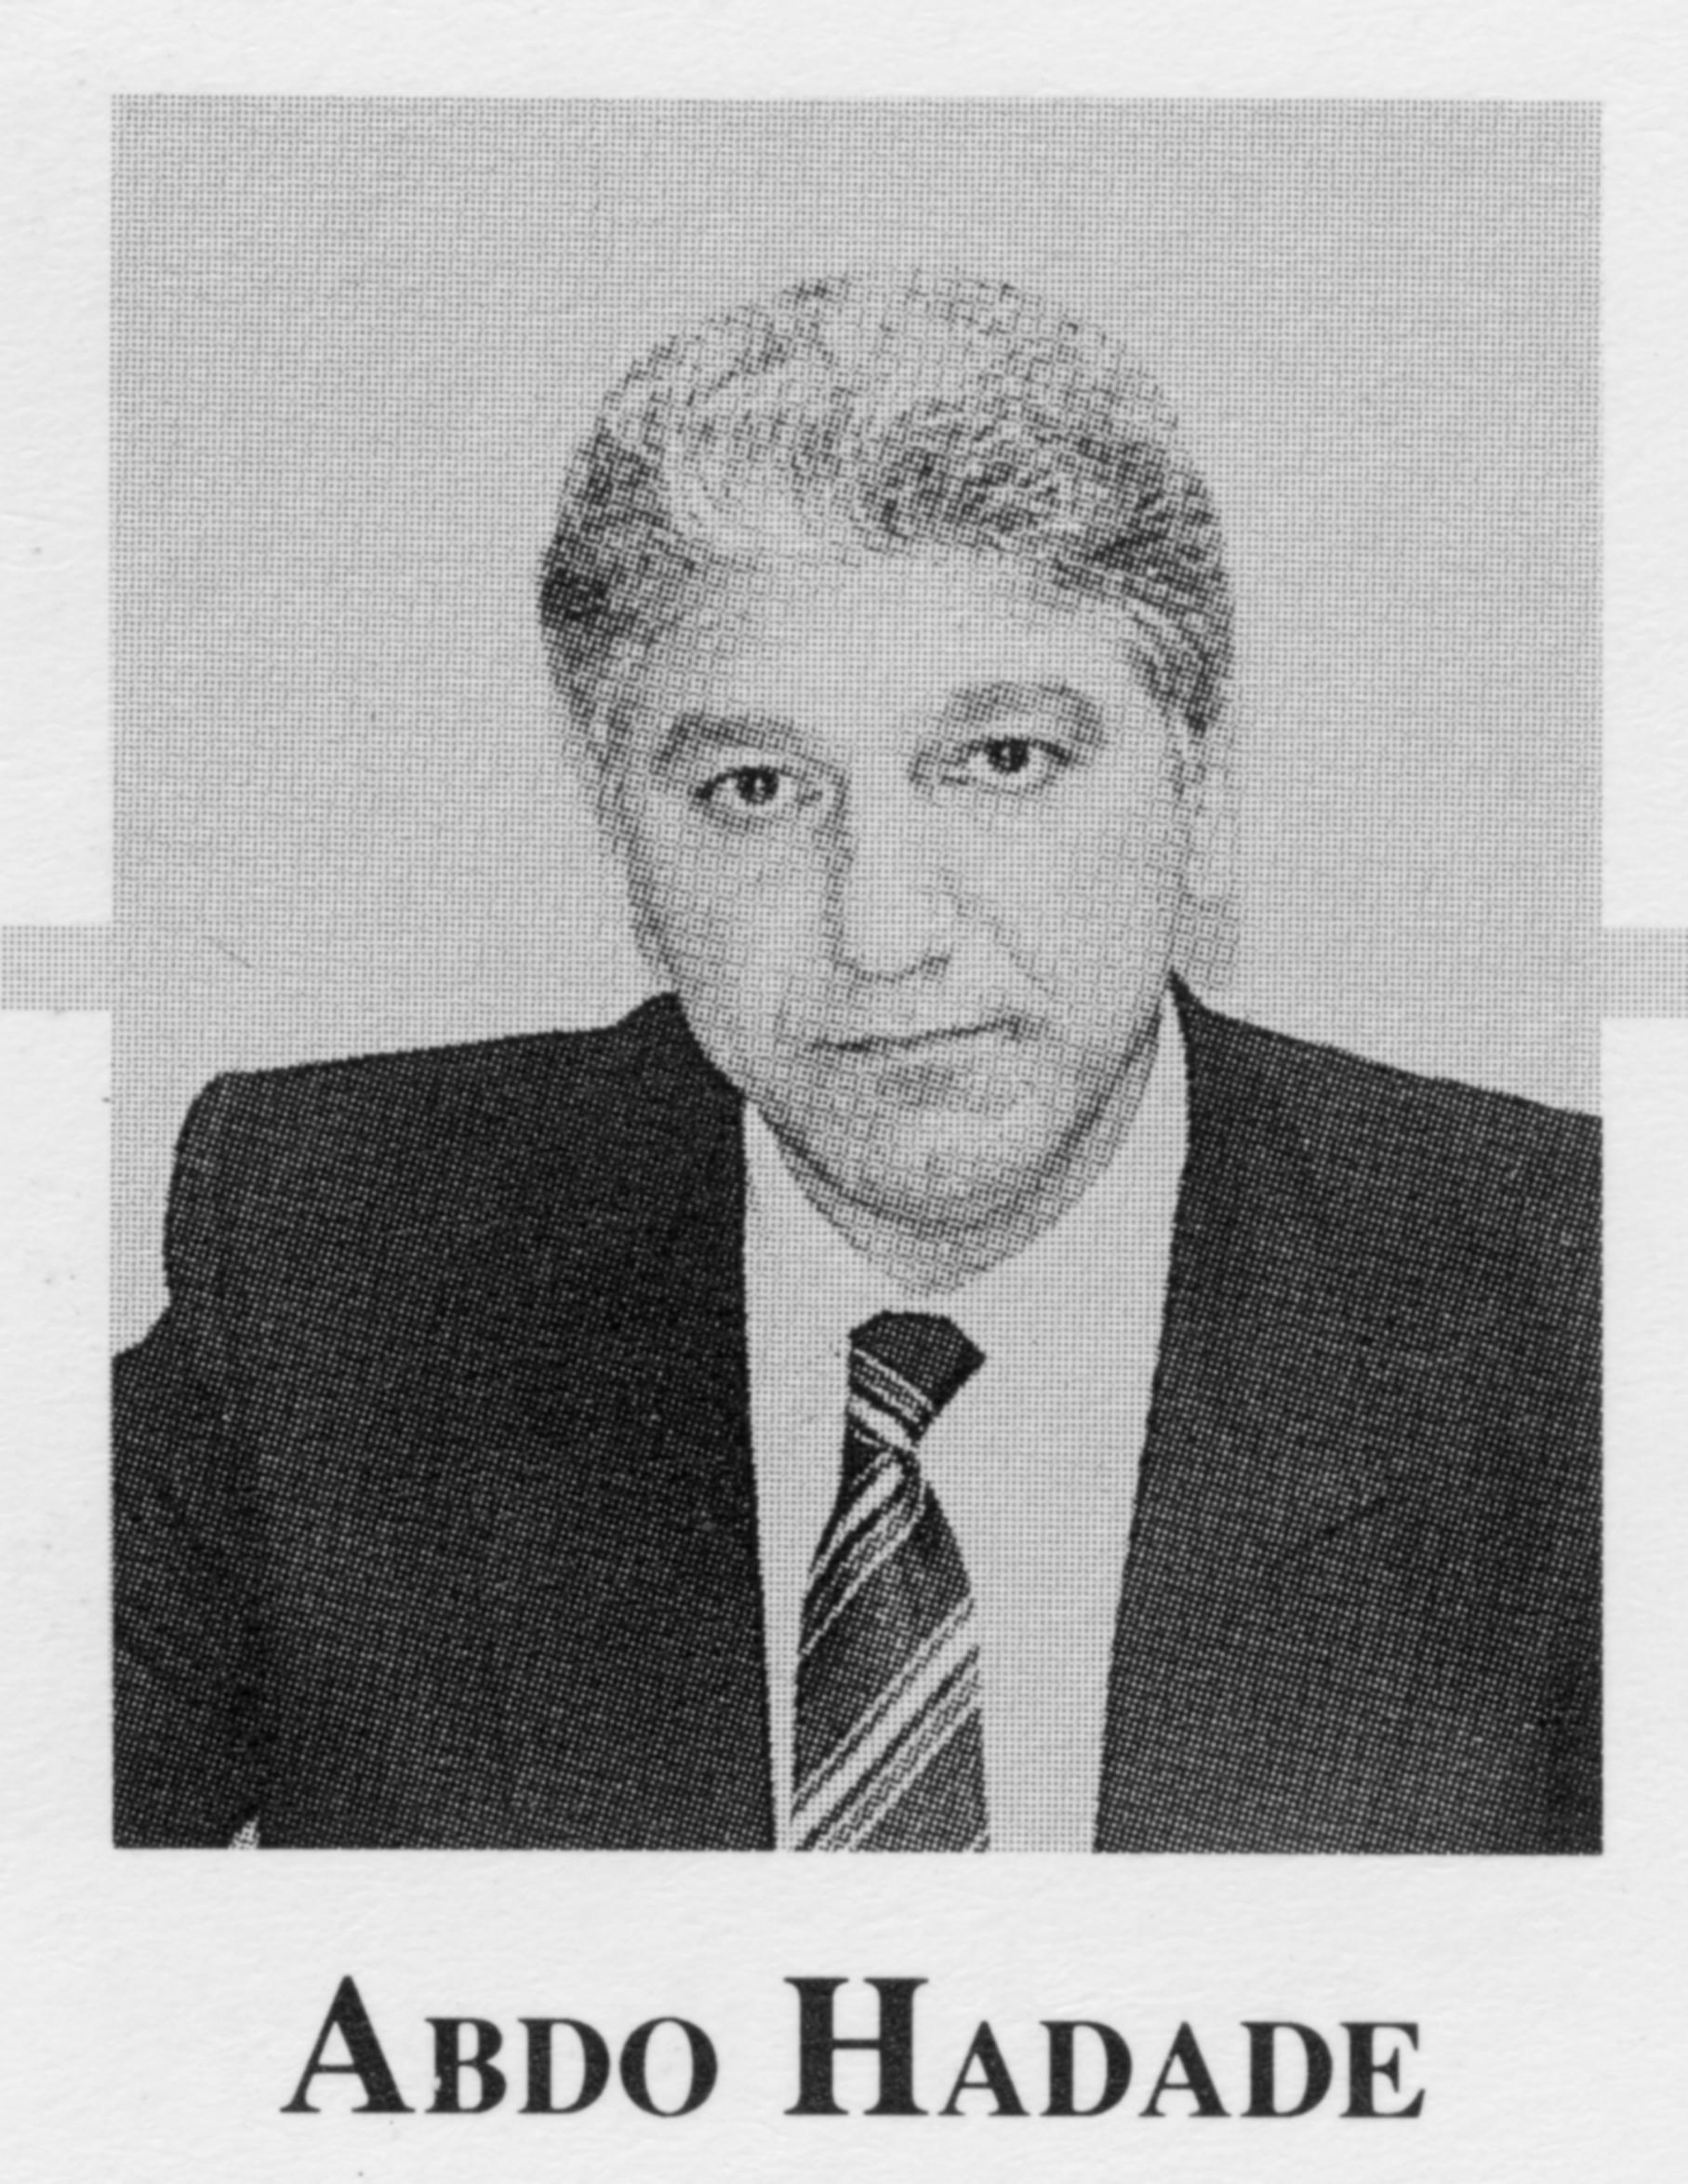 Abdo Hadade